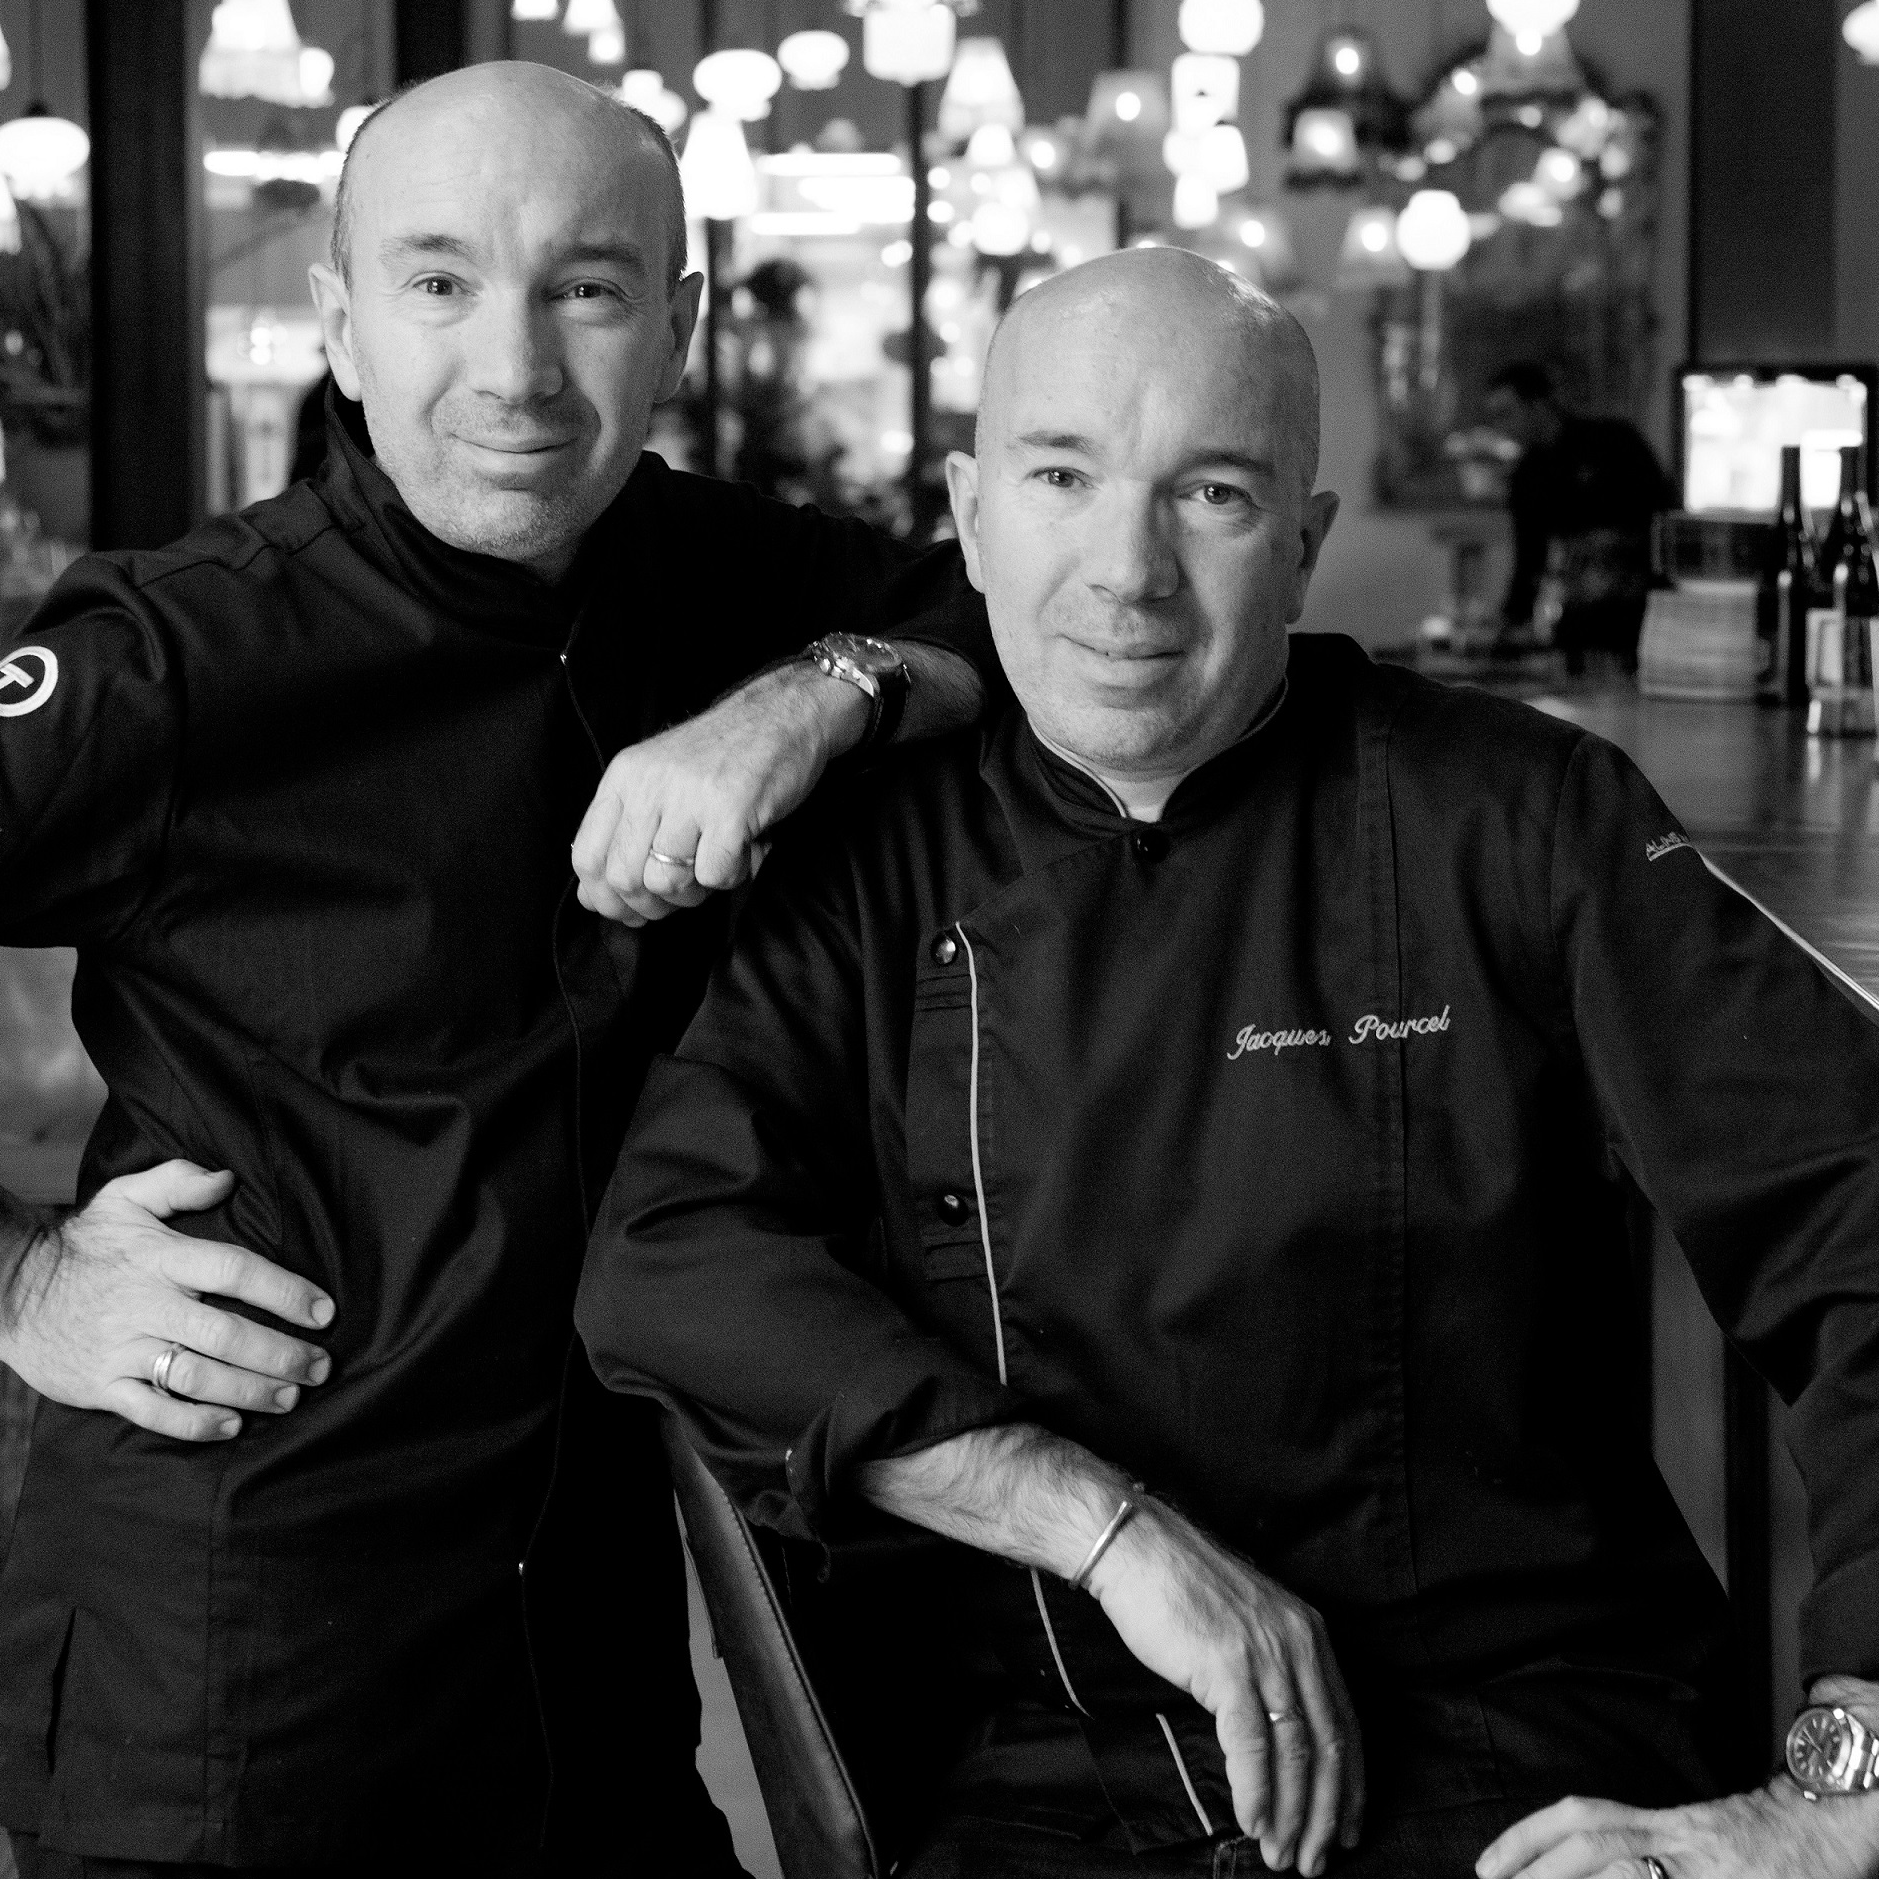 <p>江振誠師傅來台!米其林星廚 Jacques 及 Laurent Pourcel 獻上法國及地中海式創意佳饌!</p>